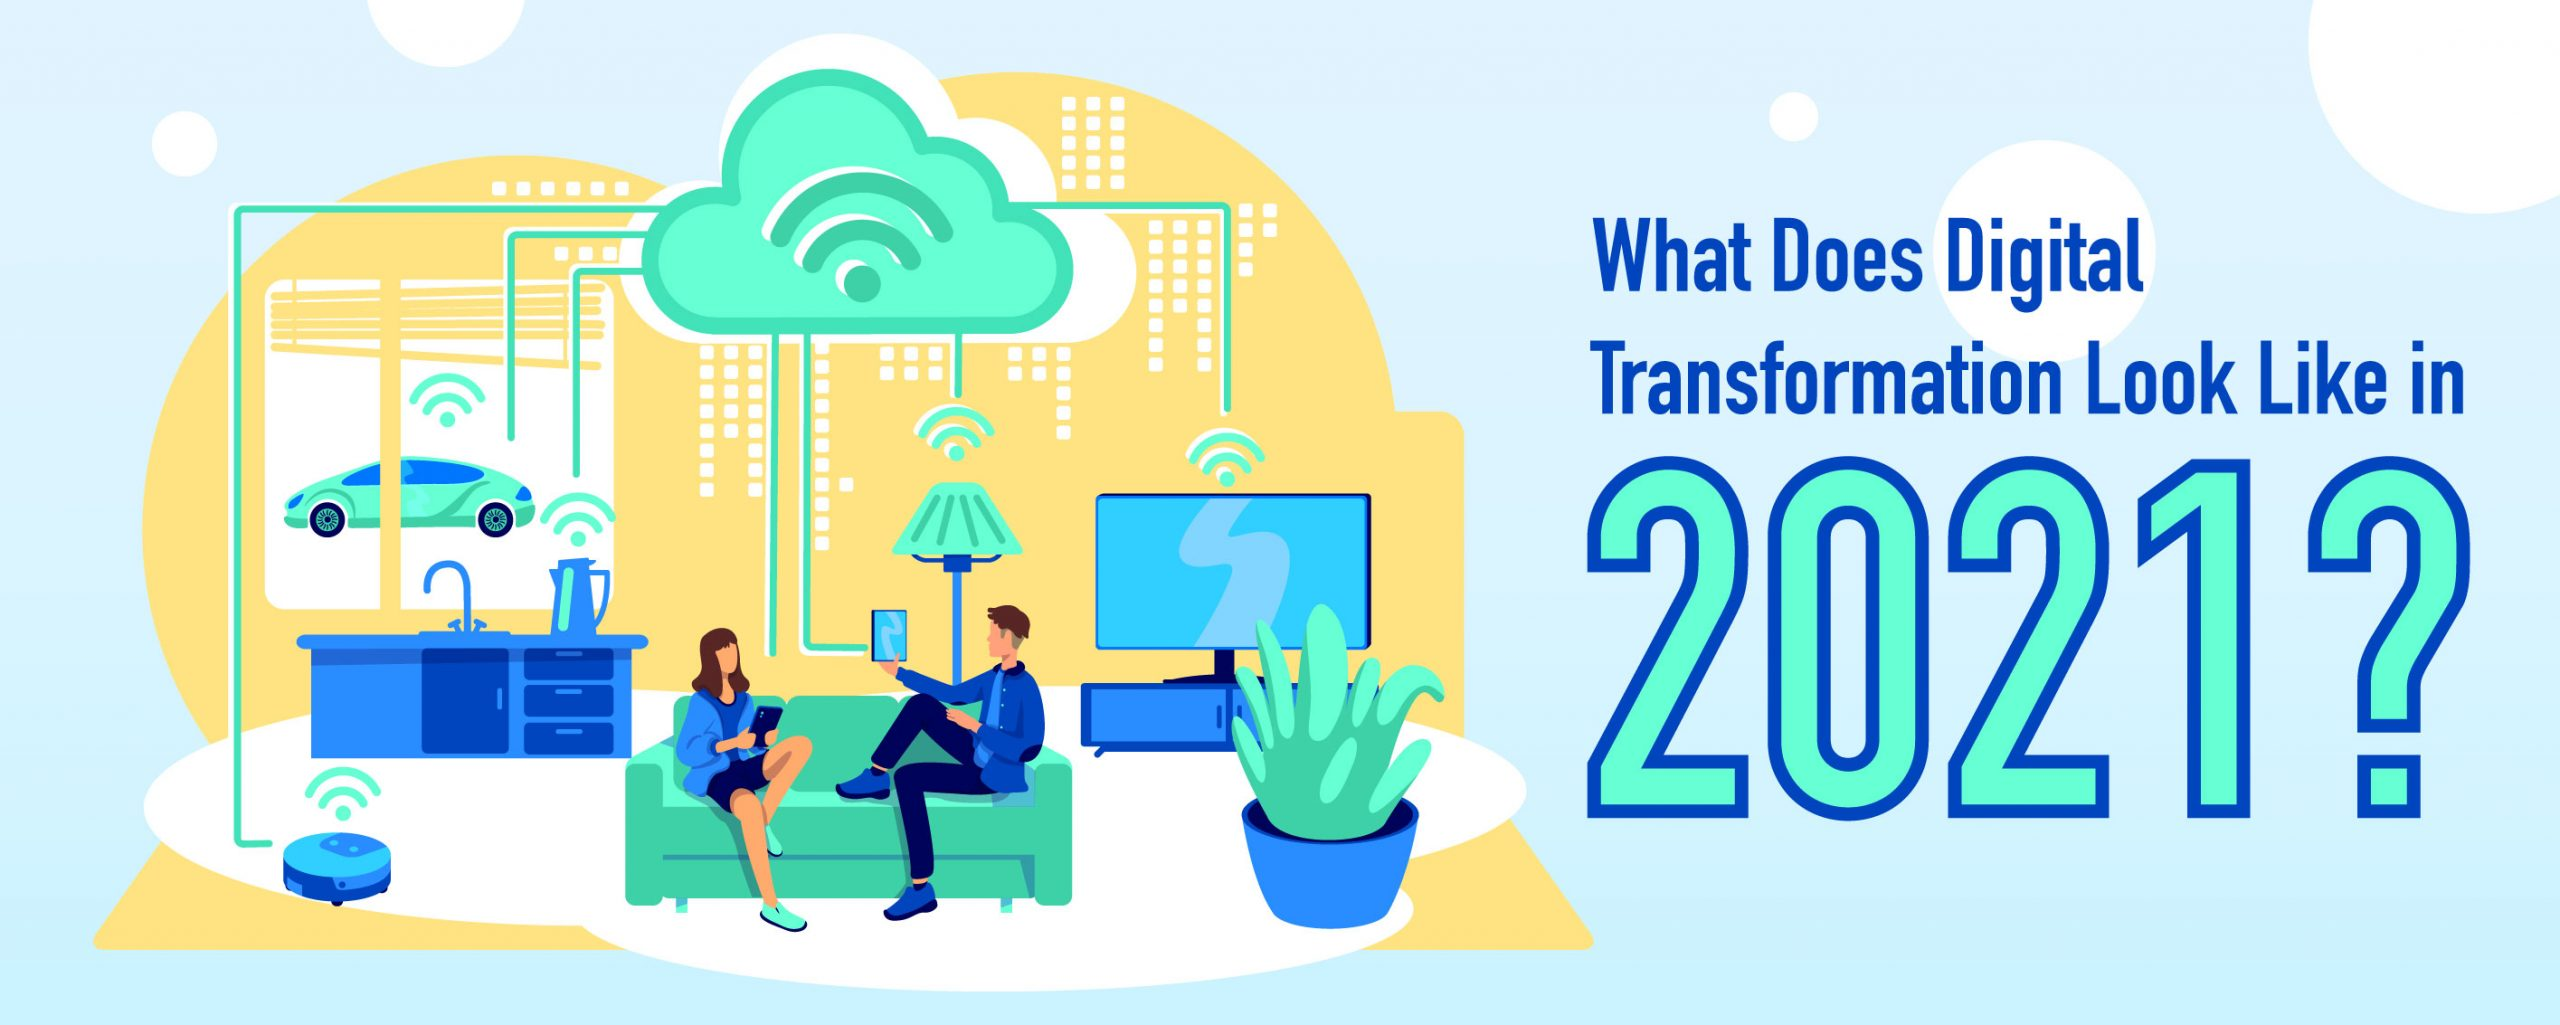 digital transformation 2021